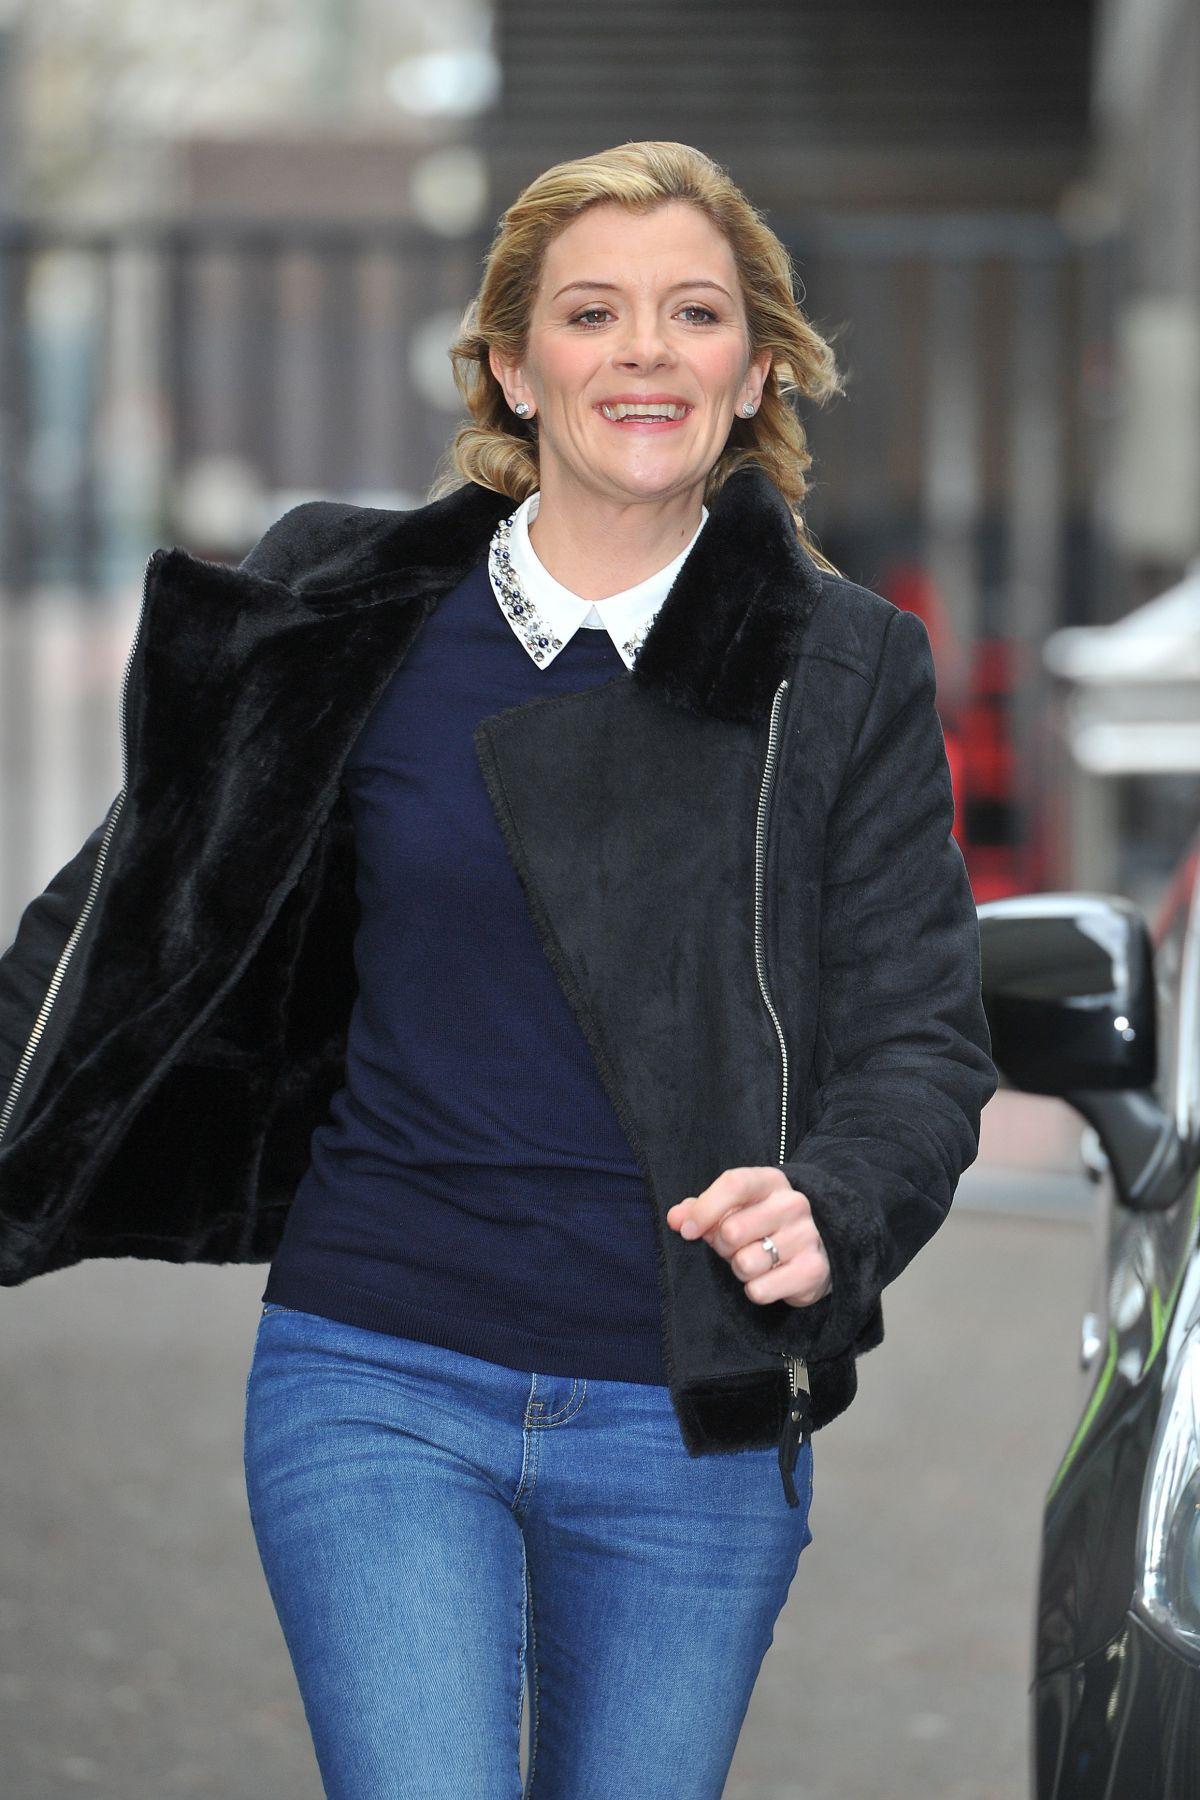 JANE DANSON Arrives at ITV Studios in London 03/02/2017